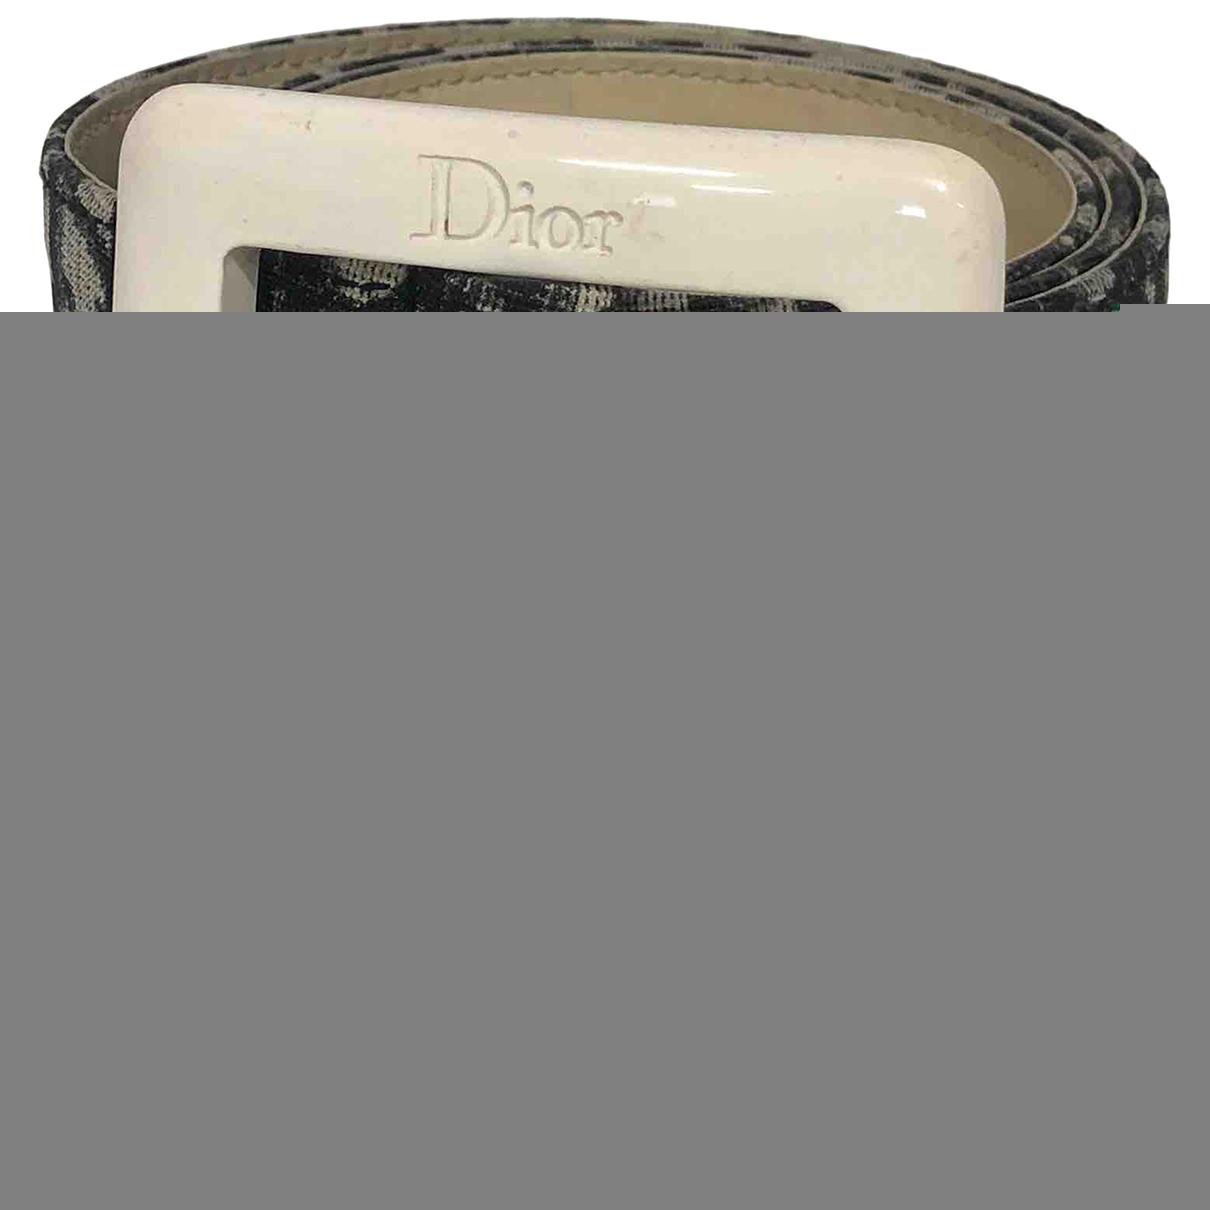 Dior \N Cloth belt for Women 90 cm